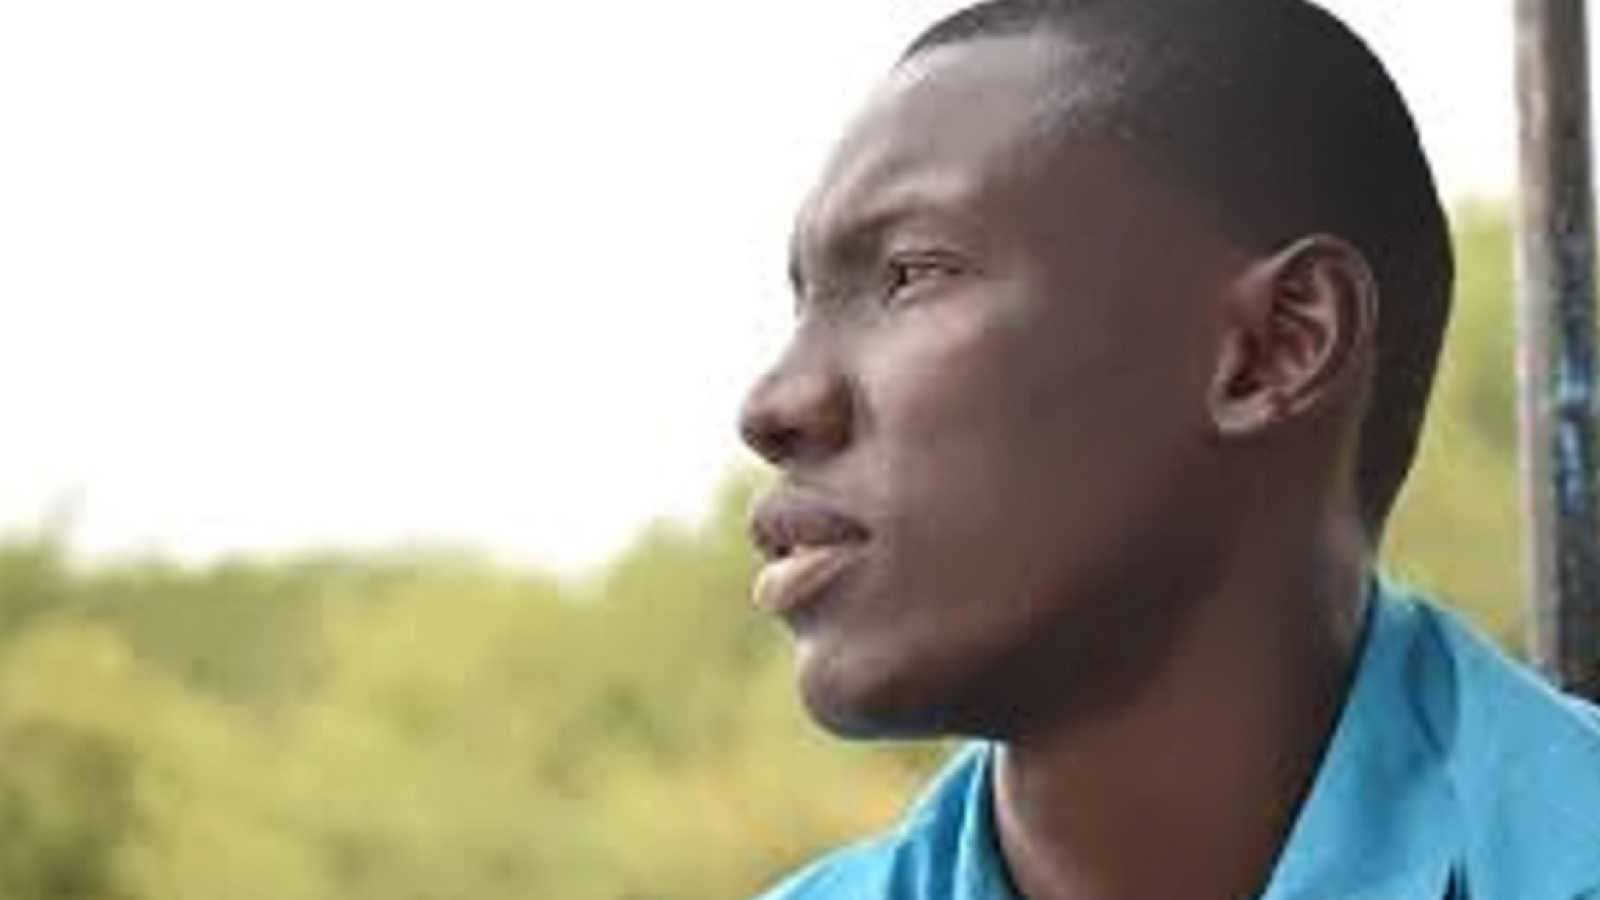 Mediterráneo - Ediciones del Oriente + Gambia Crisis Climática - 12/01/20 - escuchar ahora